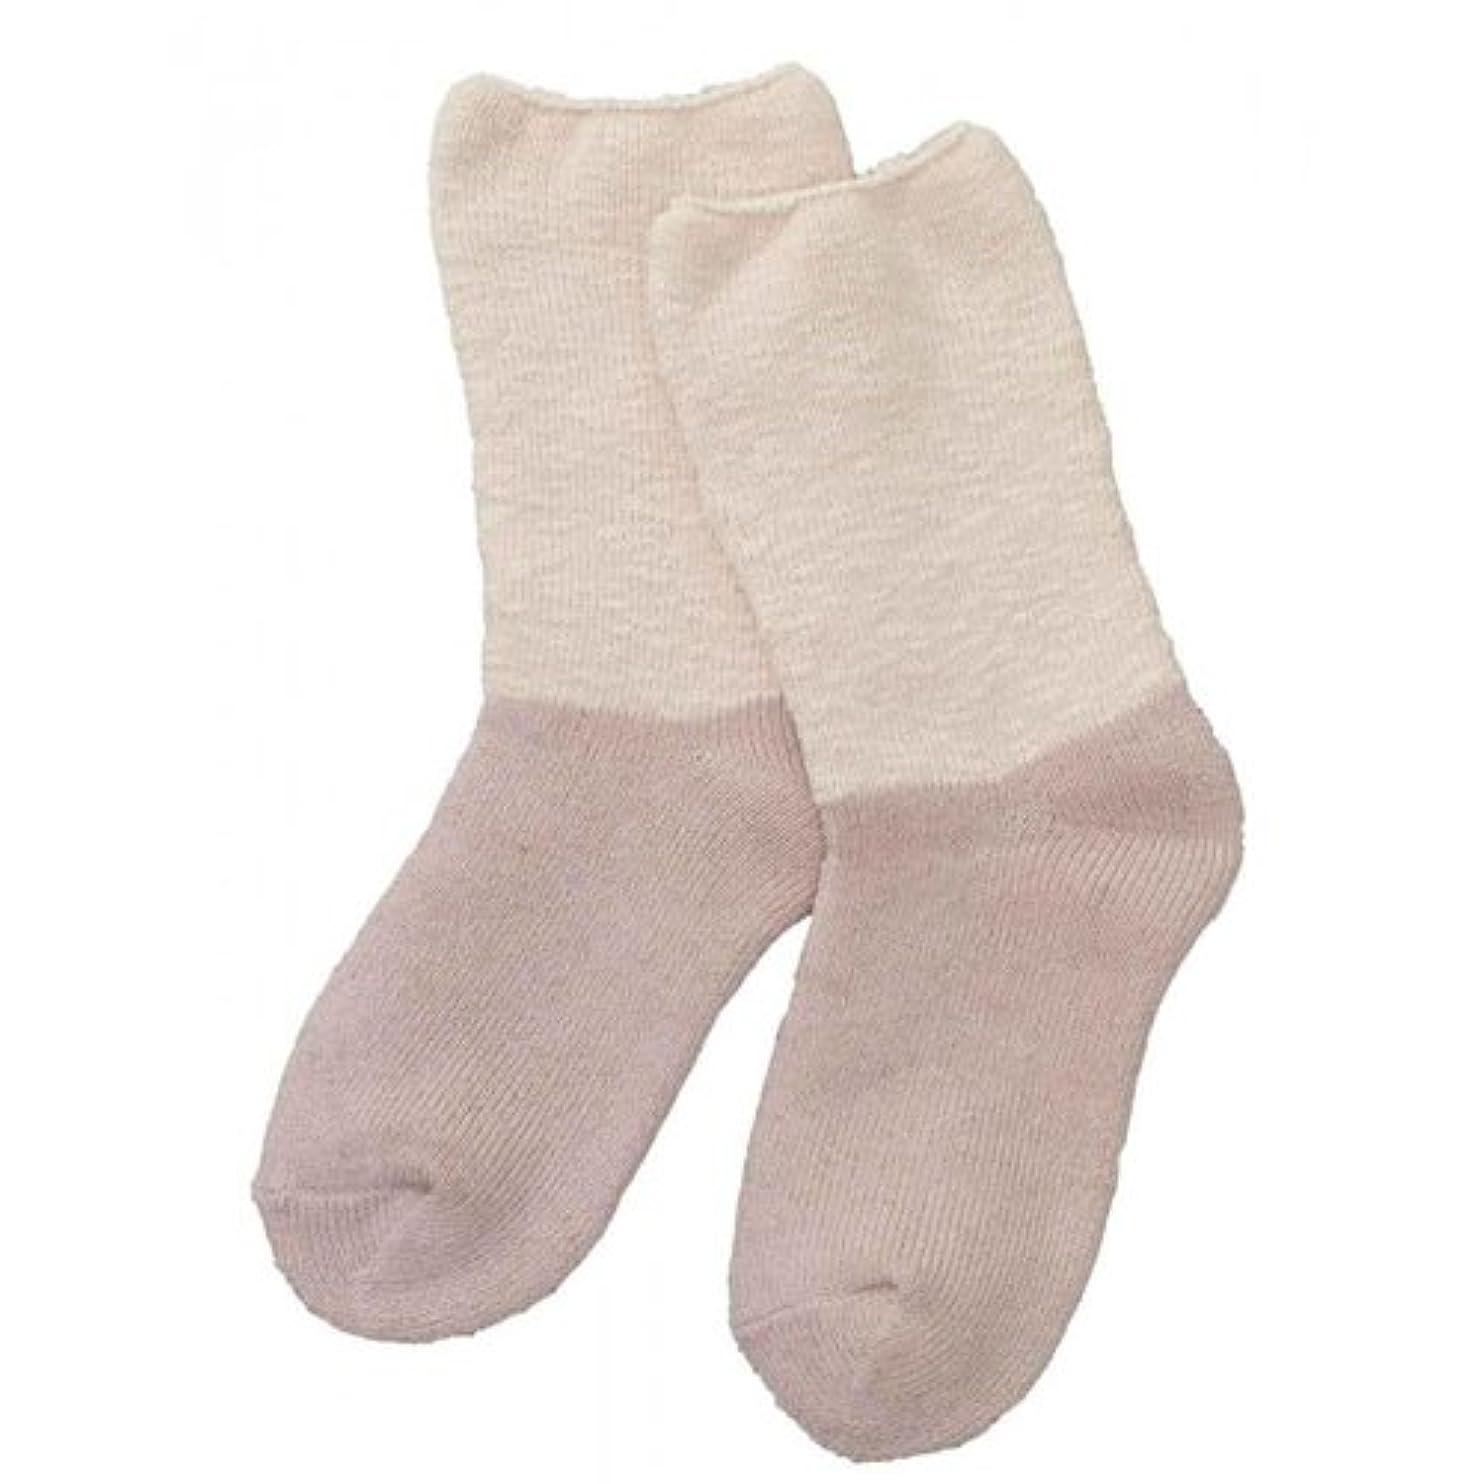 ミケランジェロ逆説以下Carelance(ケアランス)お風呂上りのやさしい靴下 綿麻パイルで足先さわやか 8706CA-12 ピンク